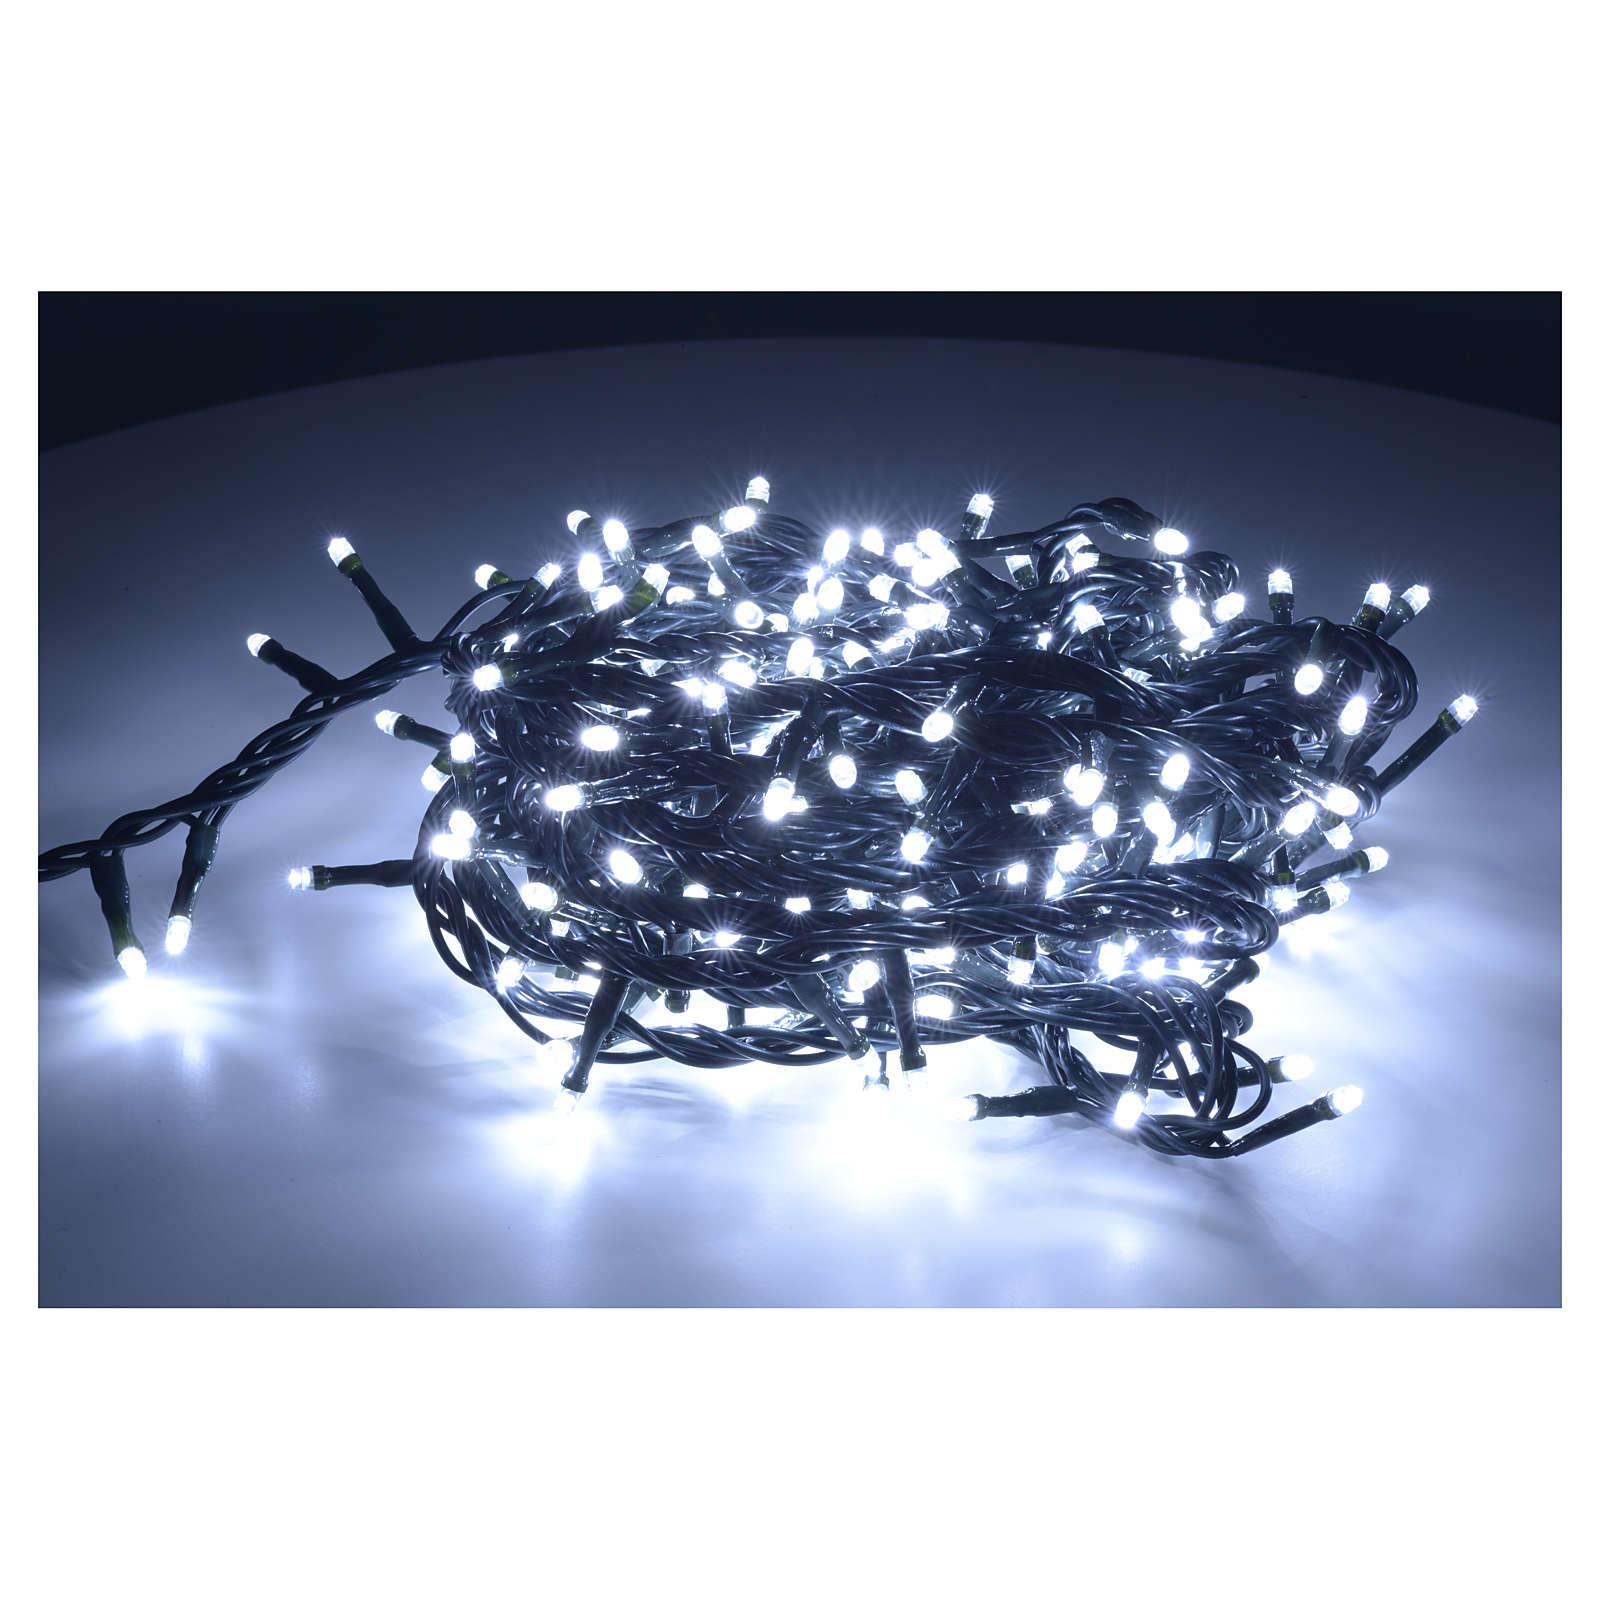 Luce di Natale 300 led bianco ghiaccio per interno 3